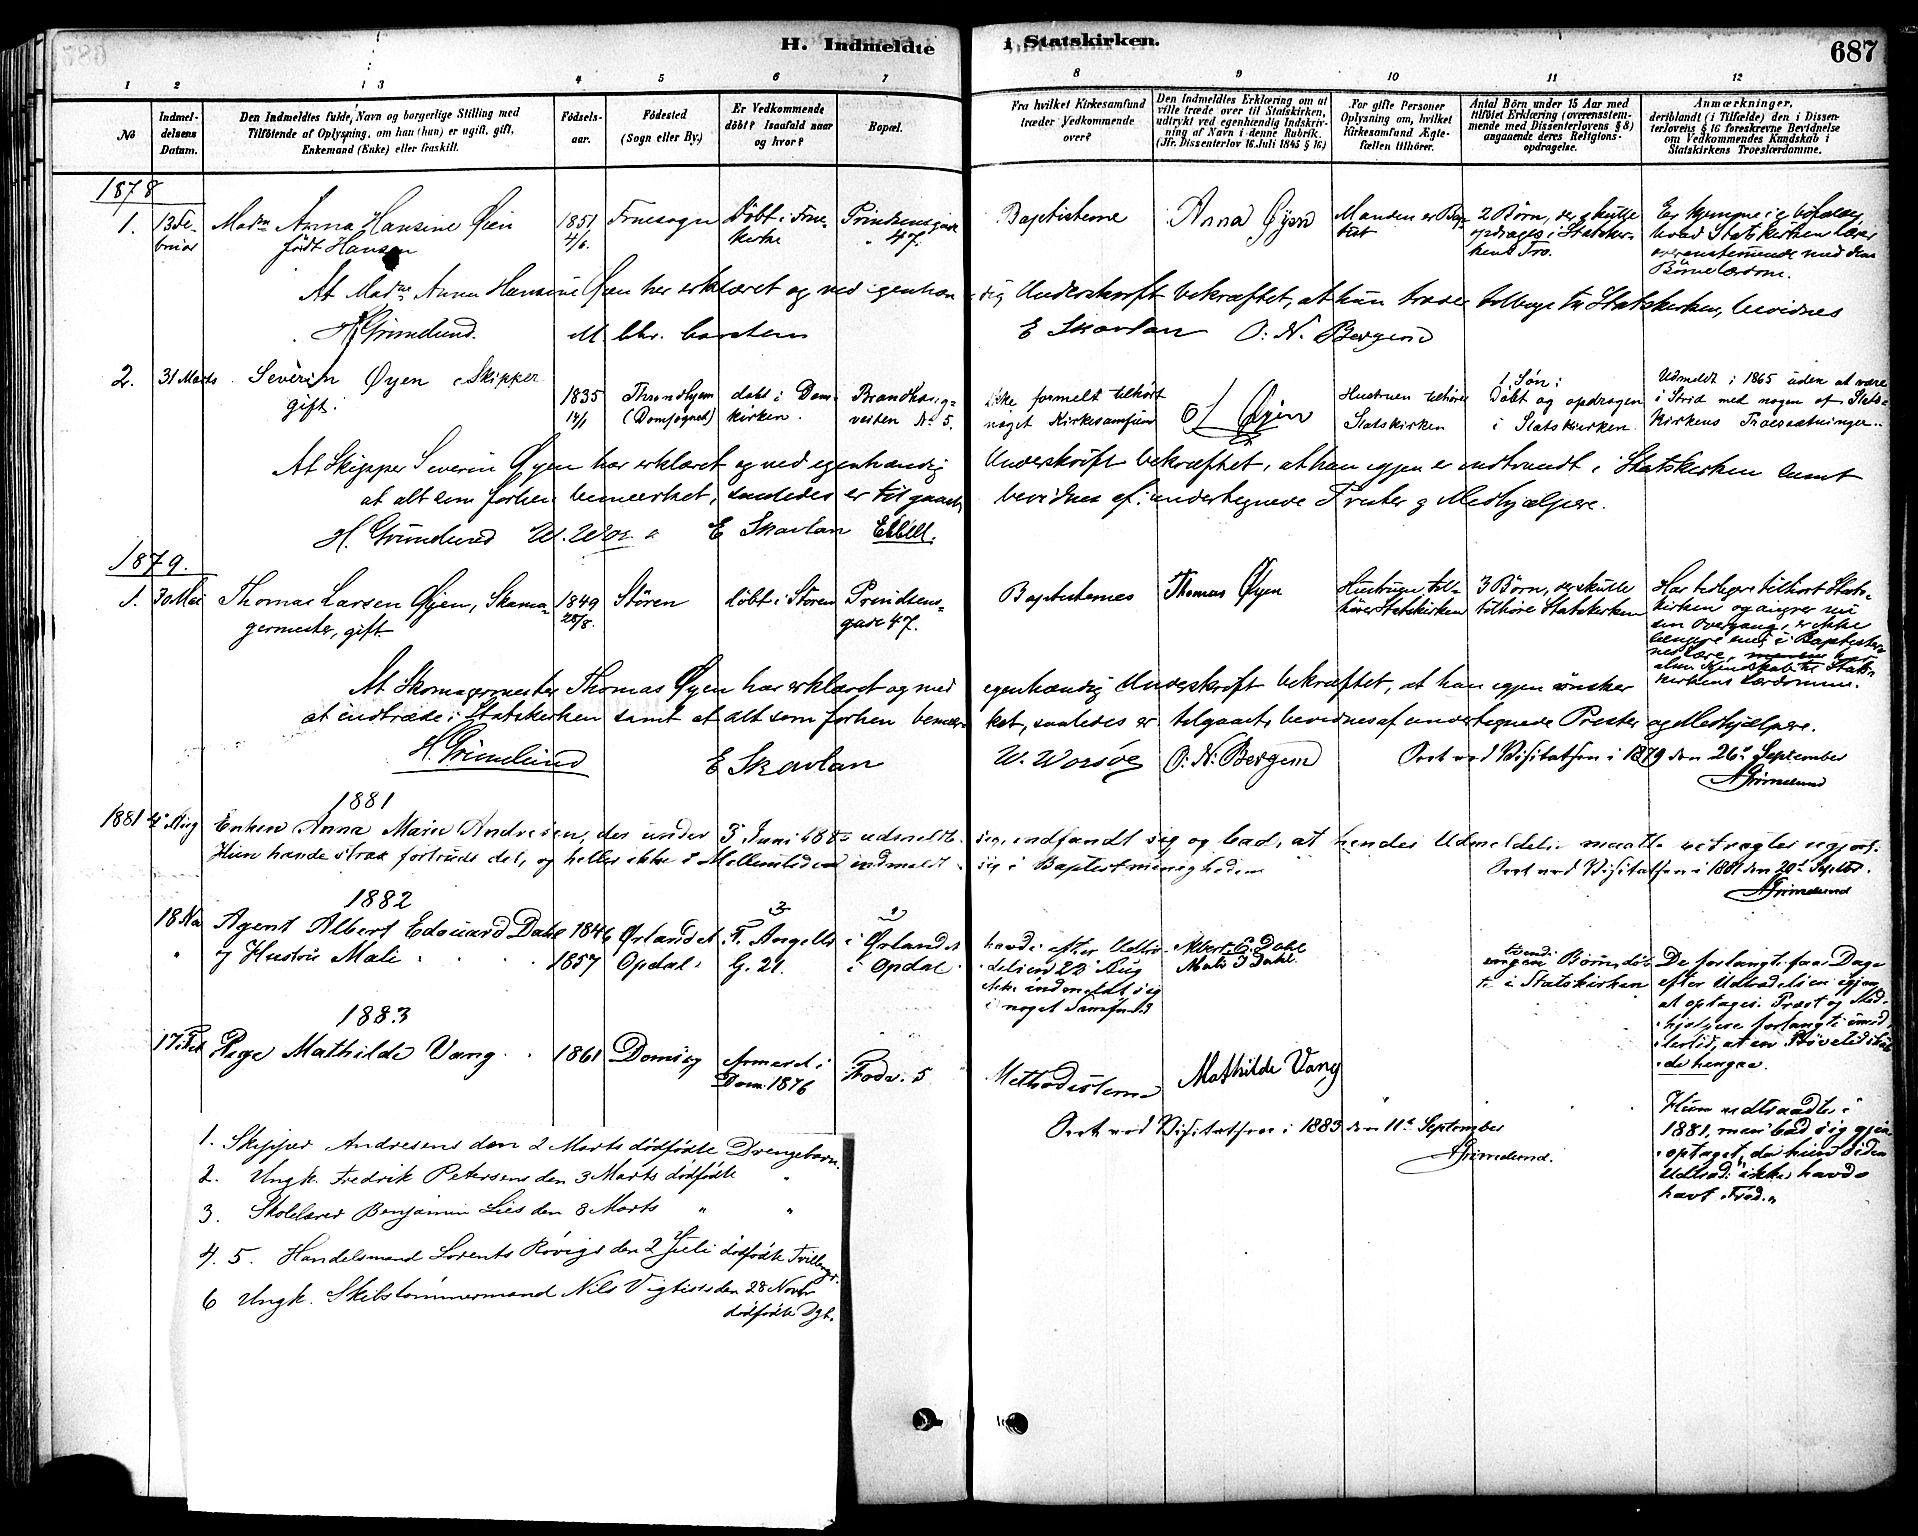 SAT, Ministerialprotokoller, klokkerbøker og fødselsregistre - Sør-Trøndelag, 601/L0058: Ministerialbok nr. 601A26, 1877-1891, s. 687